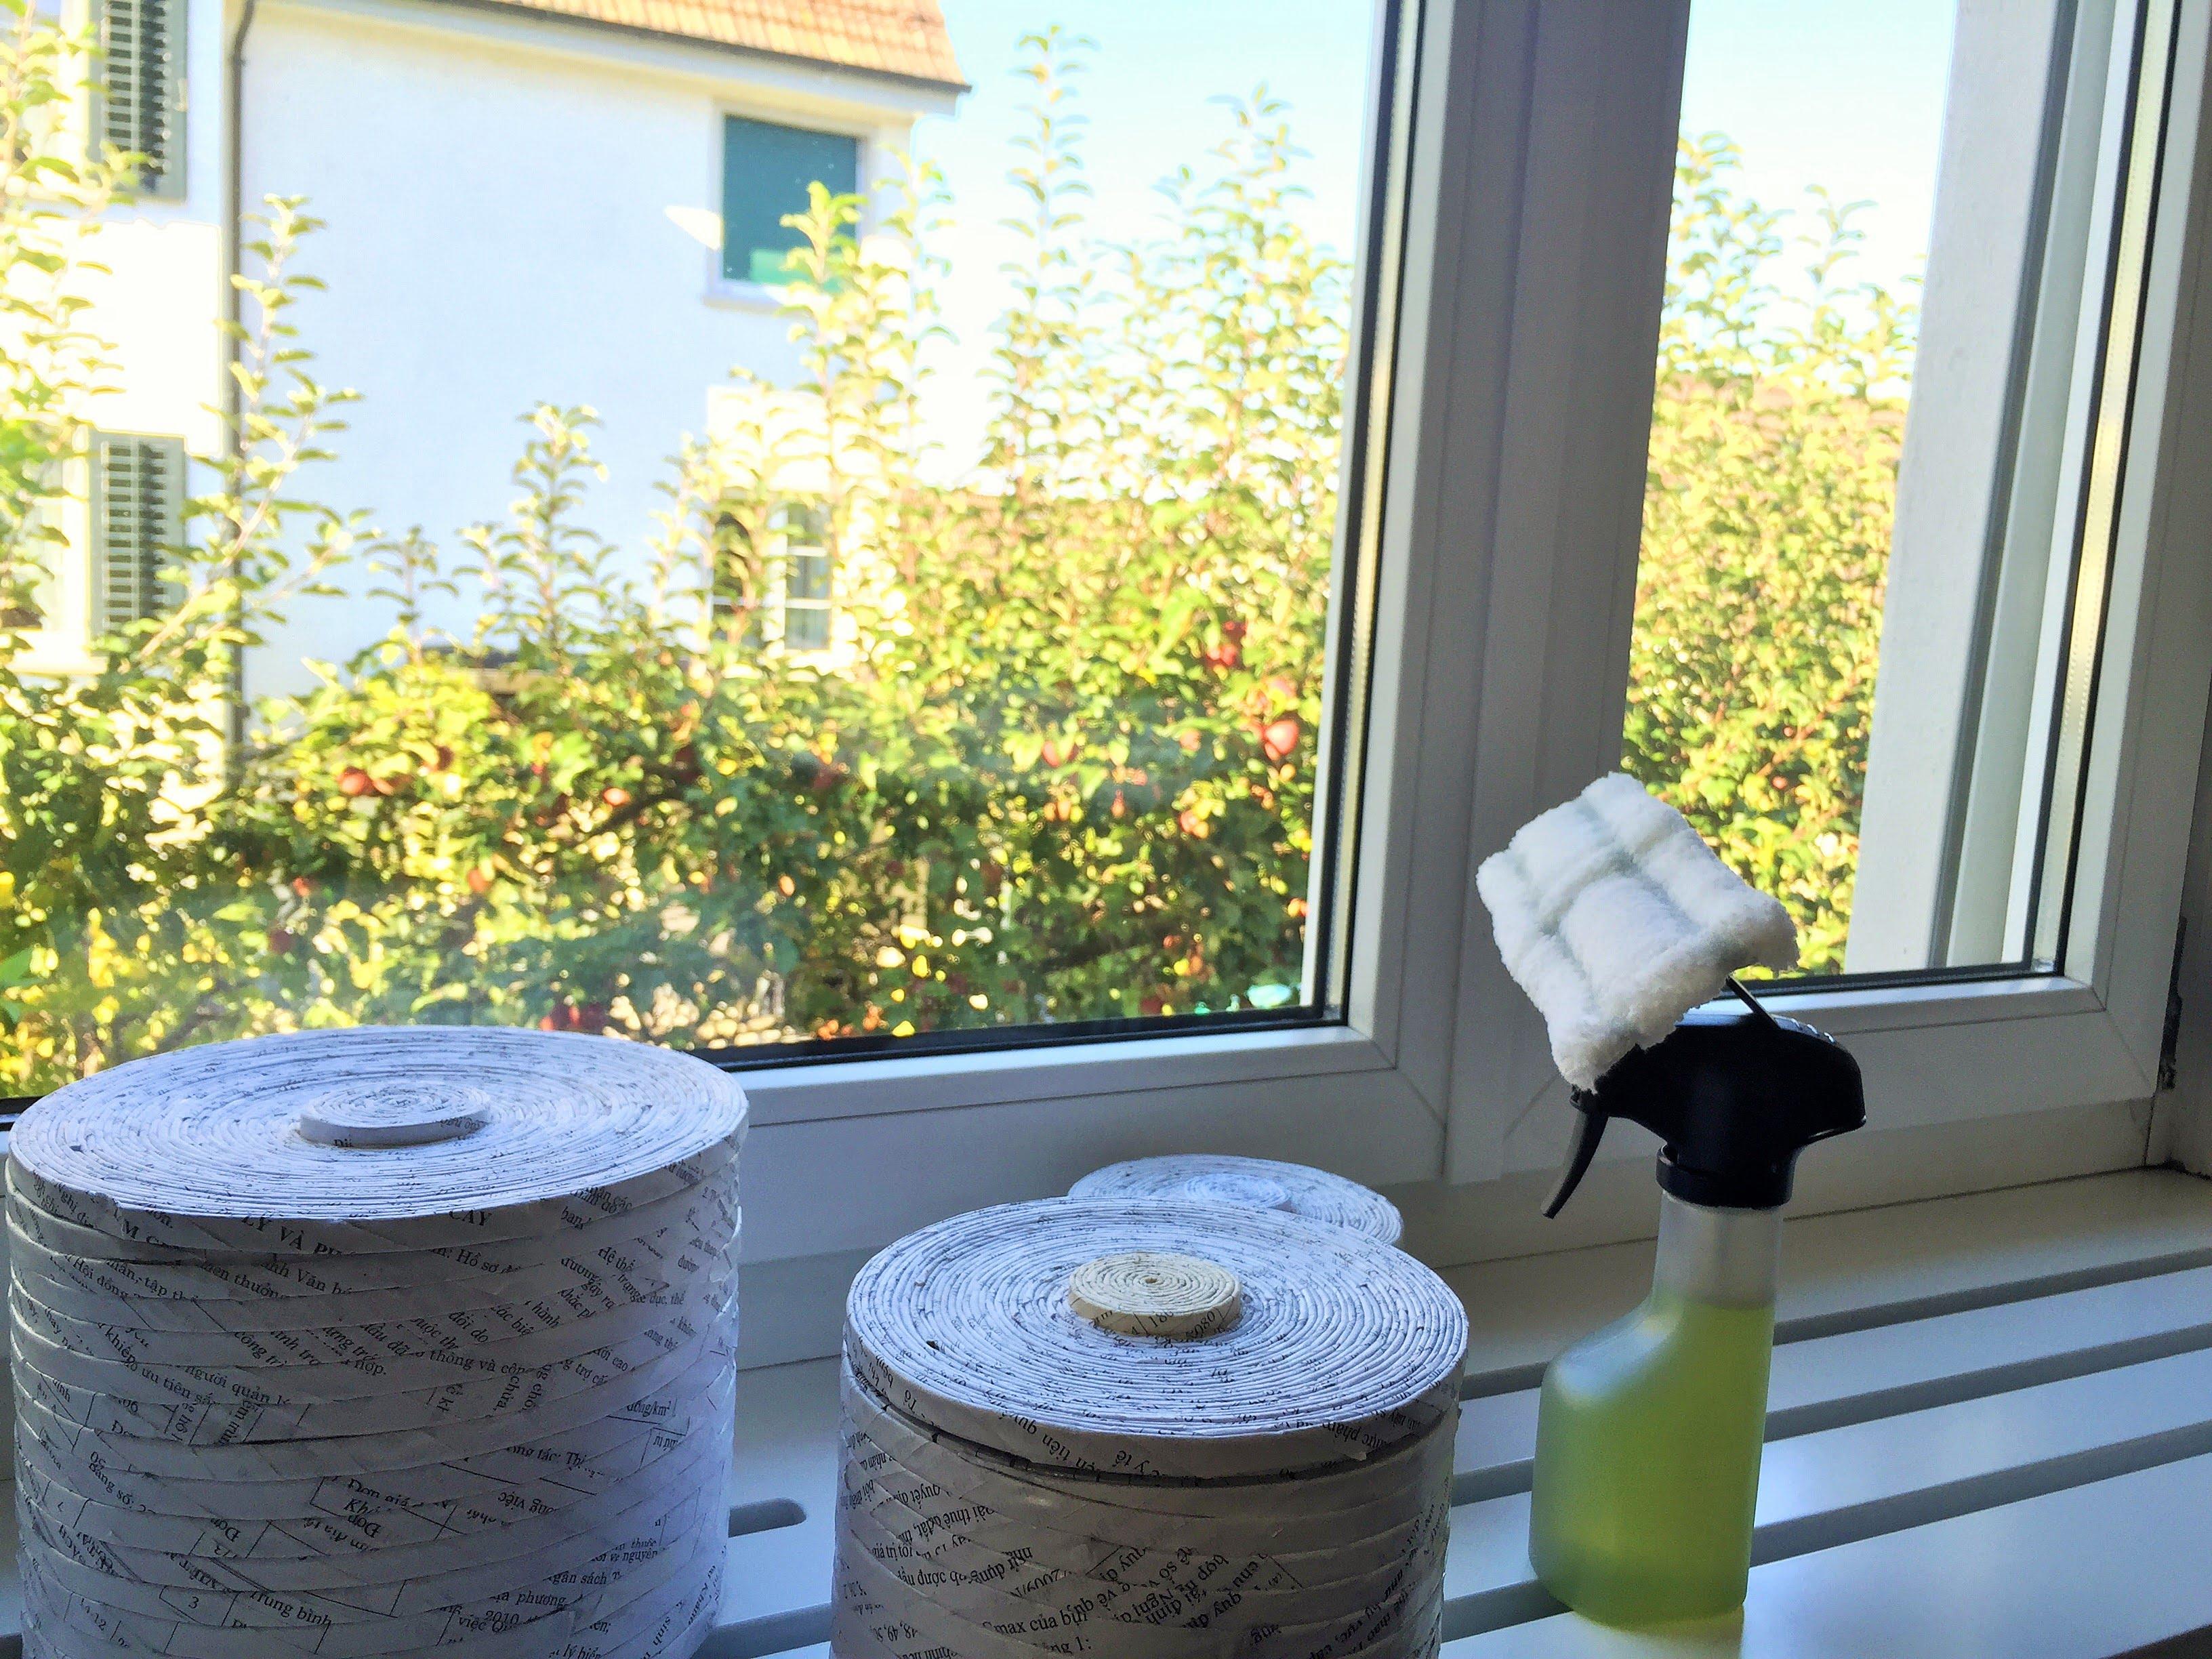 herbstzeit ist k rcherzeit auch im hause drin die angelones der ehrliche und n tzliche. Black Bedroom Furniture Sets. Home Design Ideas